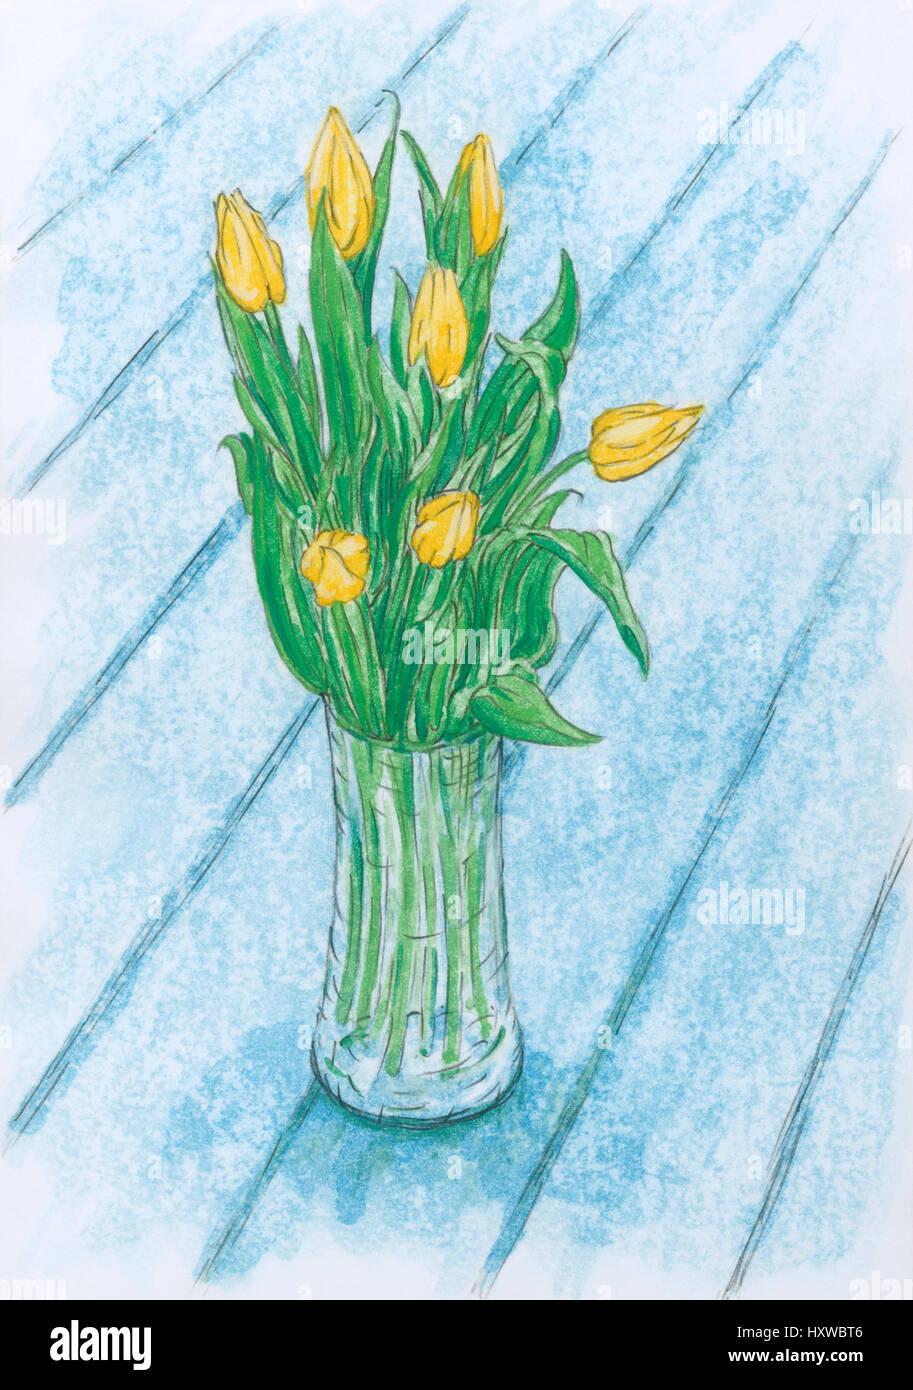 Vita Tranquilla con il tulipano giallo fiori in vaso di vetro. Matita e gouache su carta ruvida. Immagini Stock